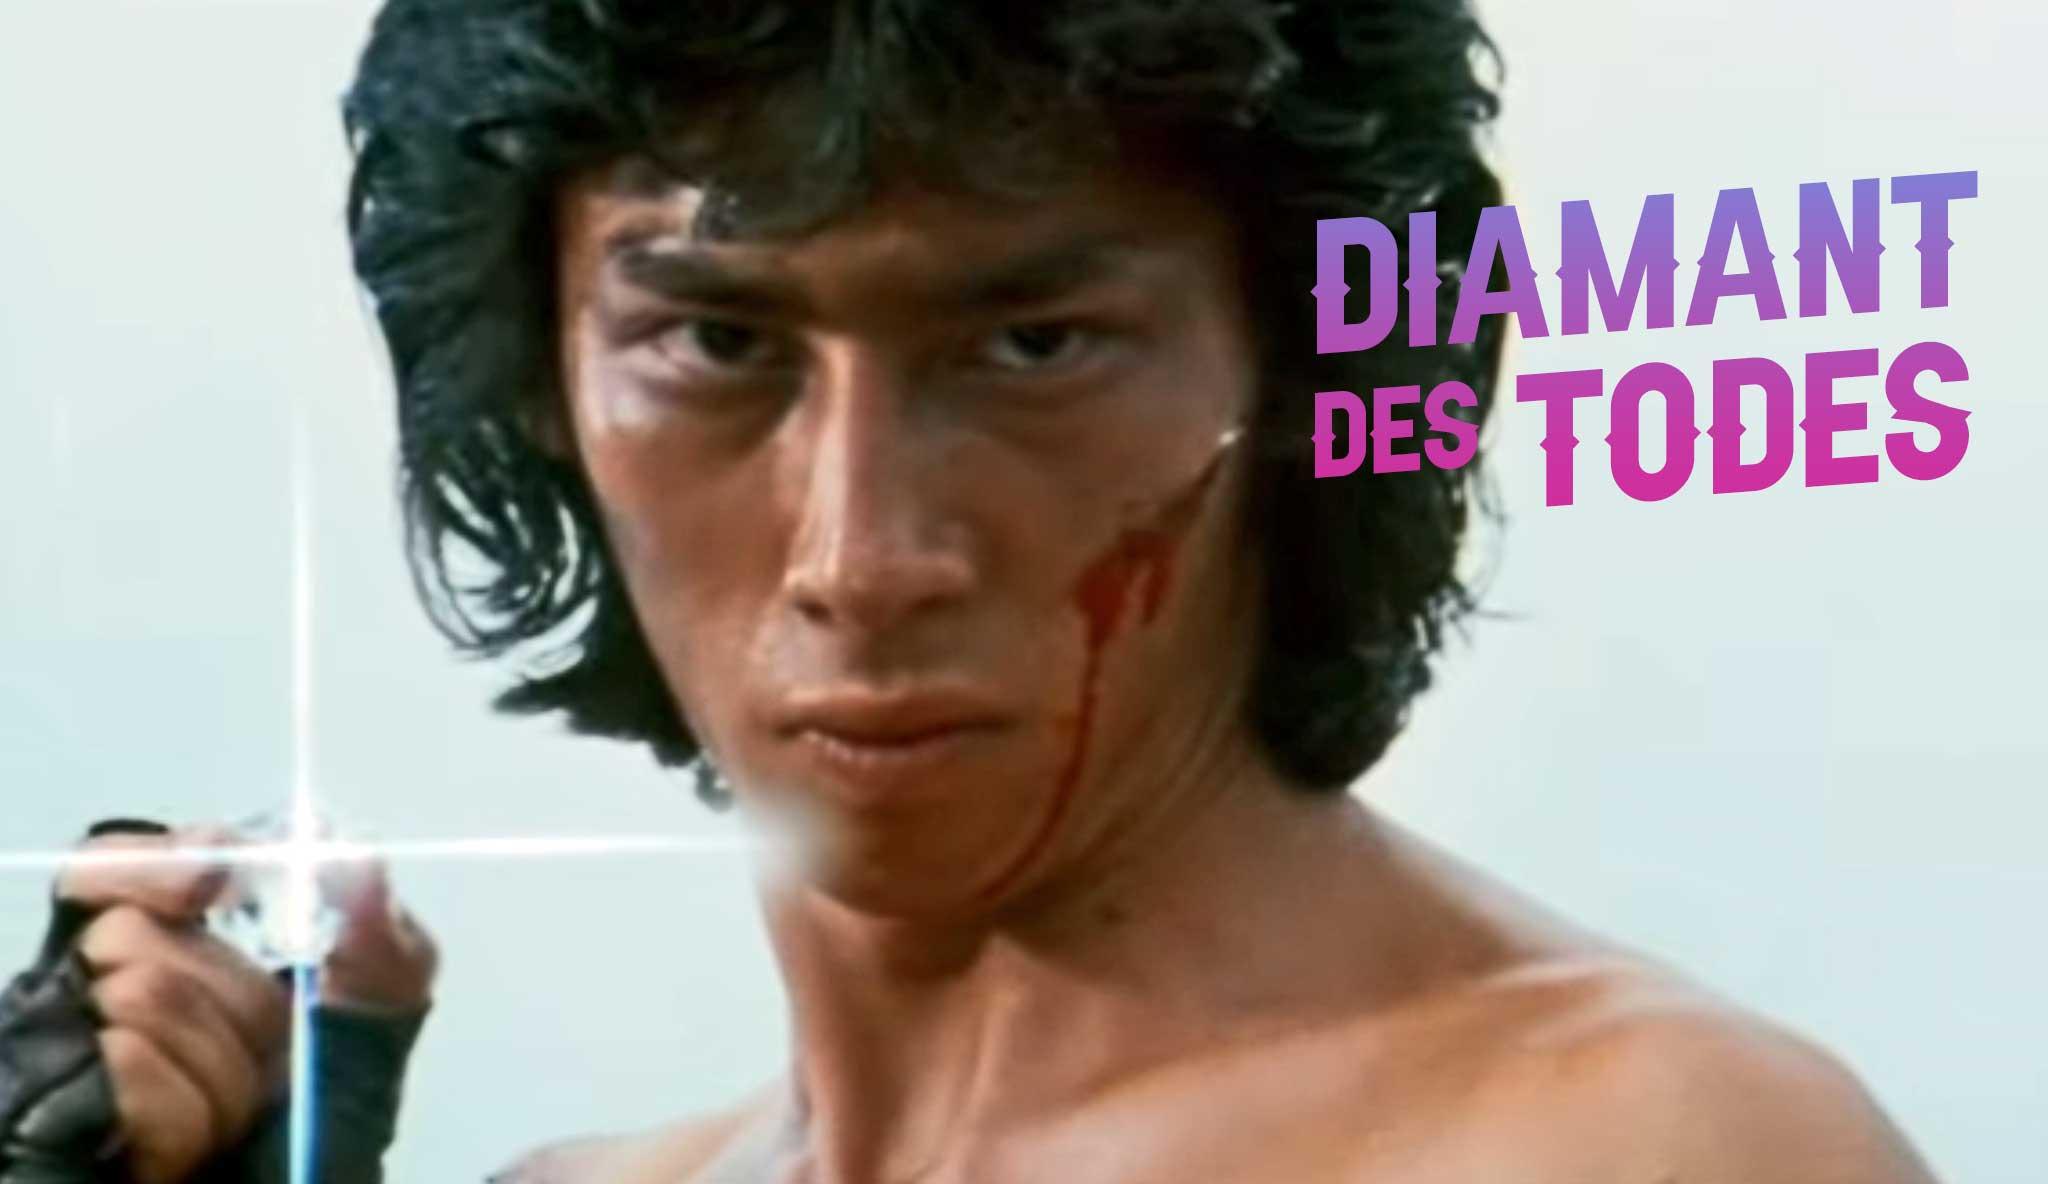 diamant-des-todes\header.jpg